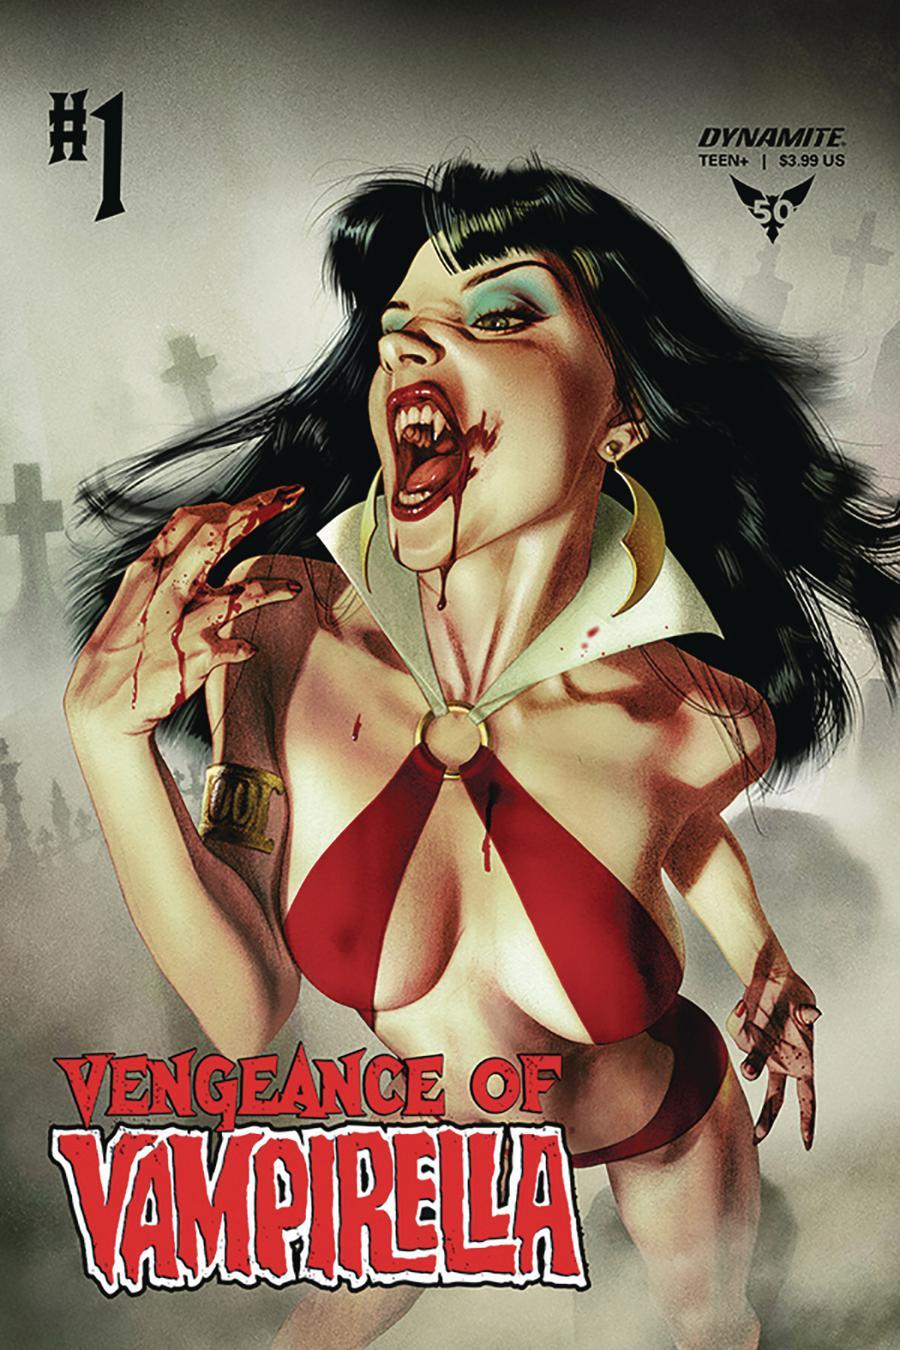 Vengeance Of Vampirella Vol 2 #1 Cover A Regular Joshua Middleton Cover